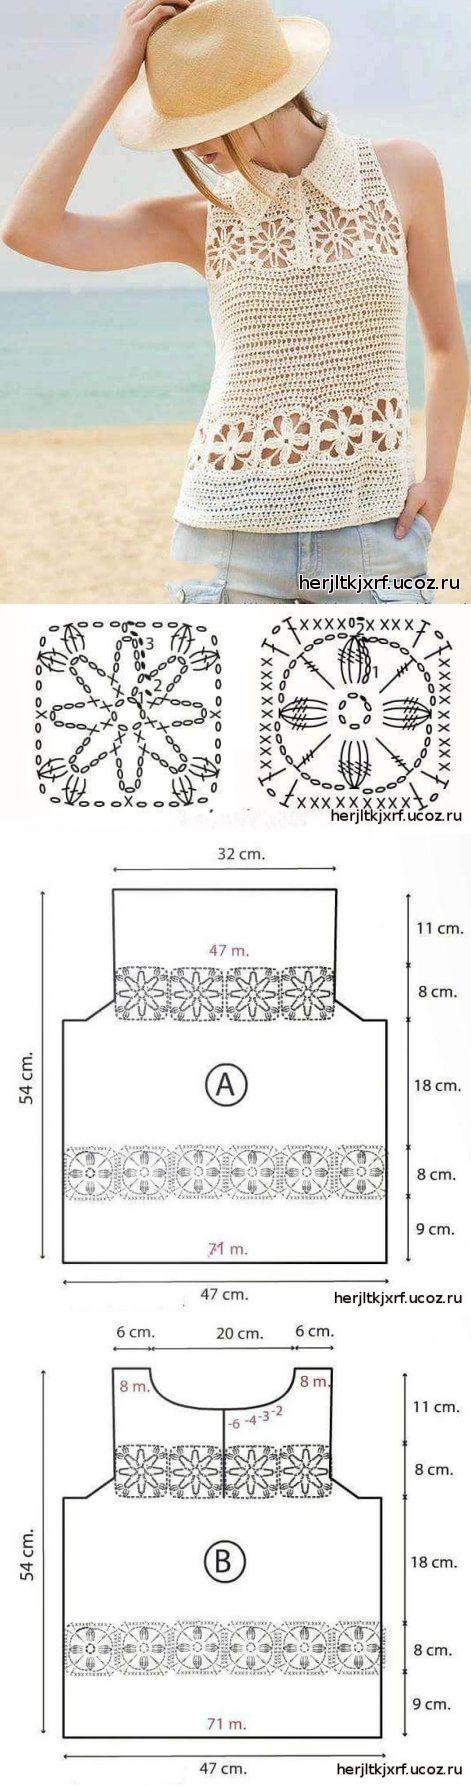 Top de los motivos - koftochki.mayki topy. - la labor de punto por el gancho para las mujeres. - el catálogo de los ficheros - el Estudio De diseño de los productos tejidos.